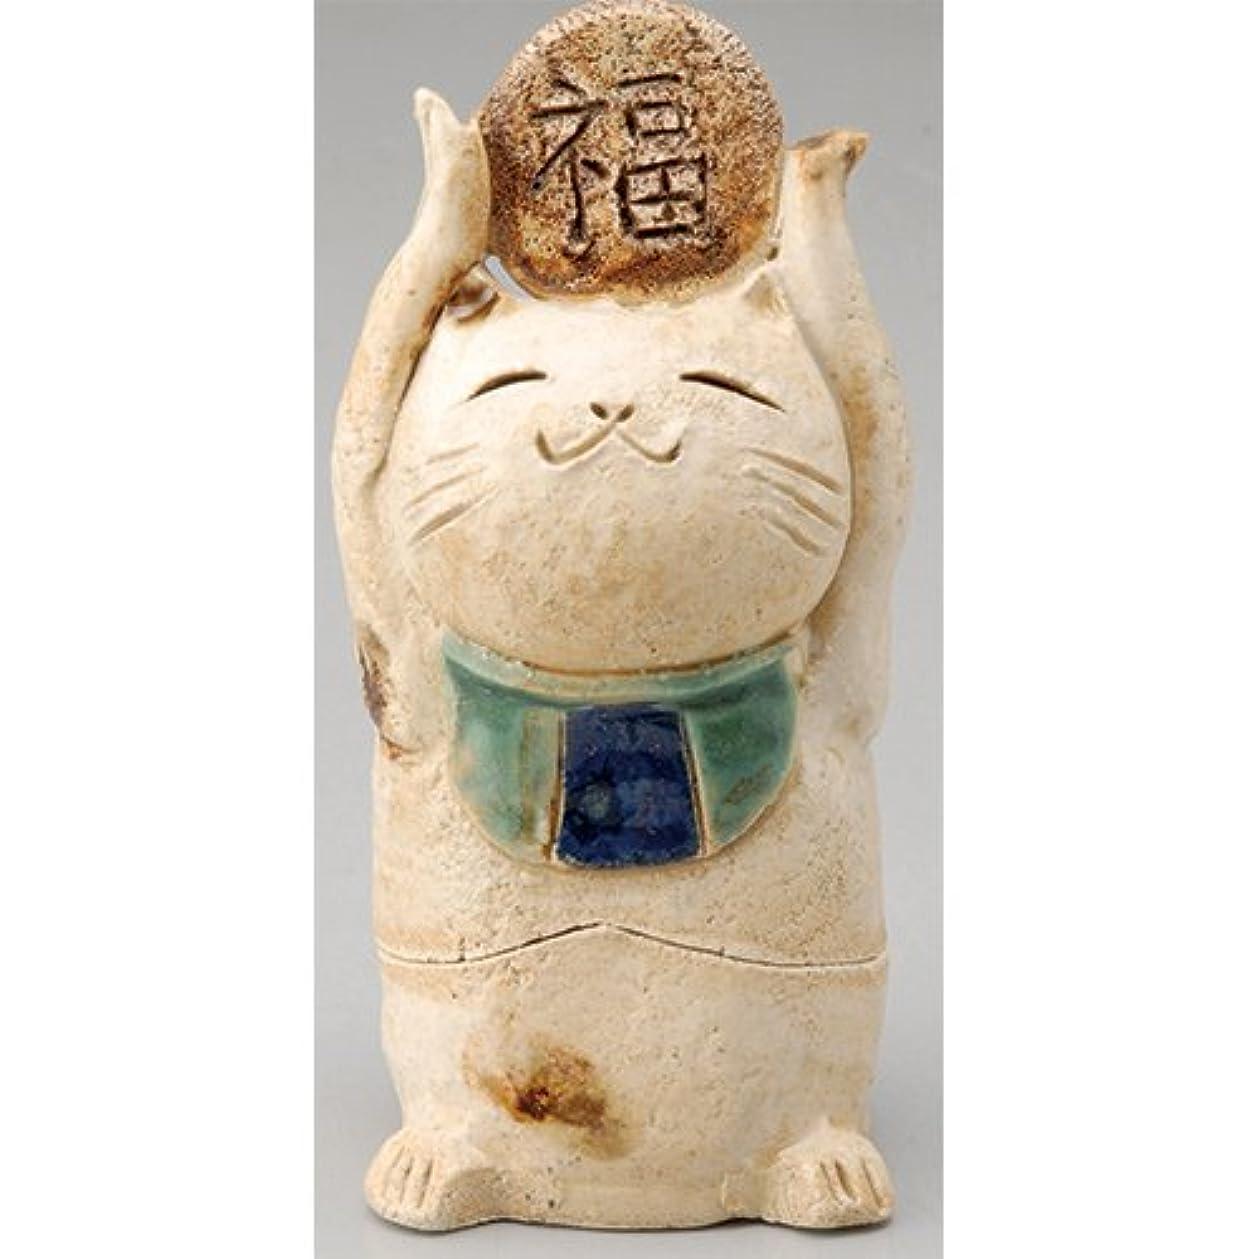 香炉 ごえん猫 香炉(福) [H10cm] HANDMADE プレゼント ギフト 和食器 かわいい インテリア